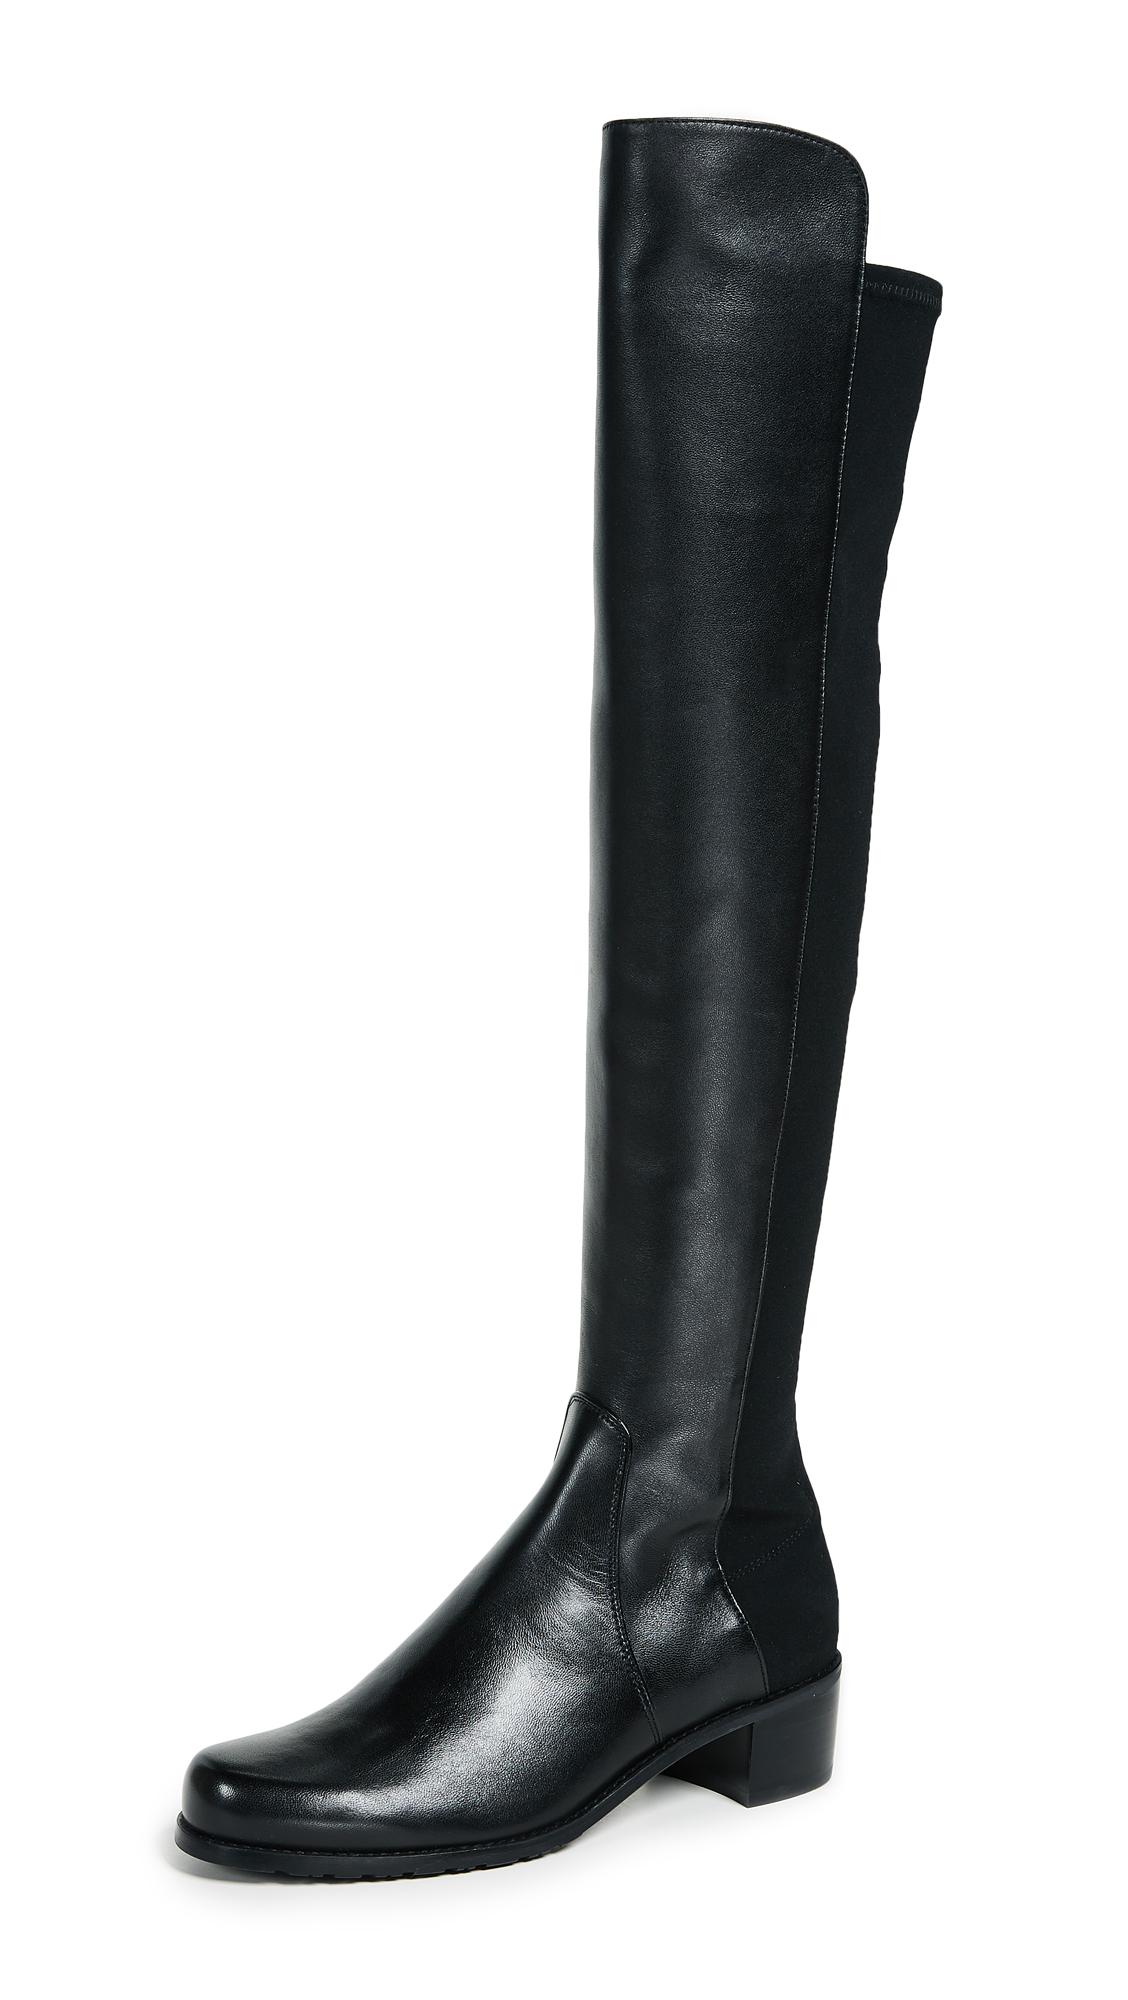 Stuart Weitzman Reserve Tall Boots - Black